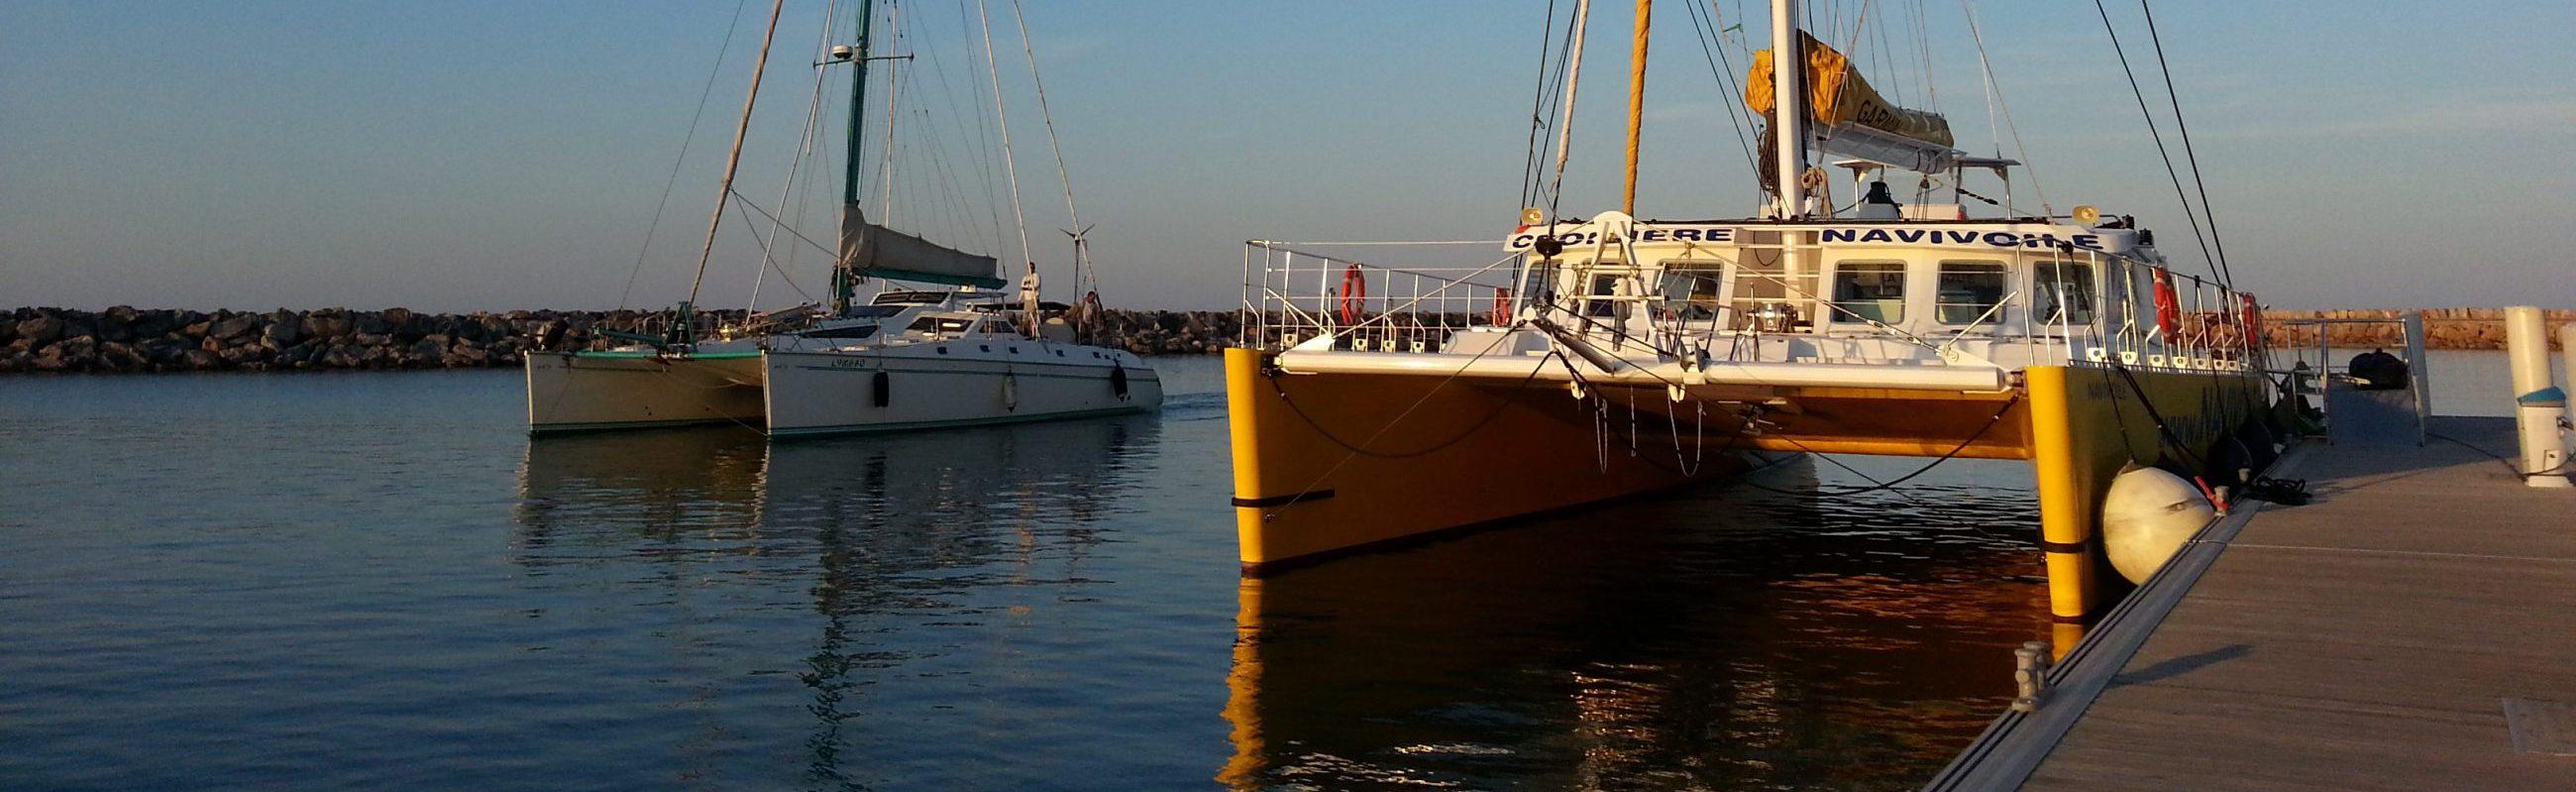 catamaran navivoile bateau ancienne génération et nouvelle génération dans le port de canet en roussillon